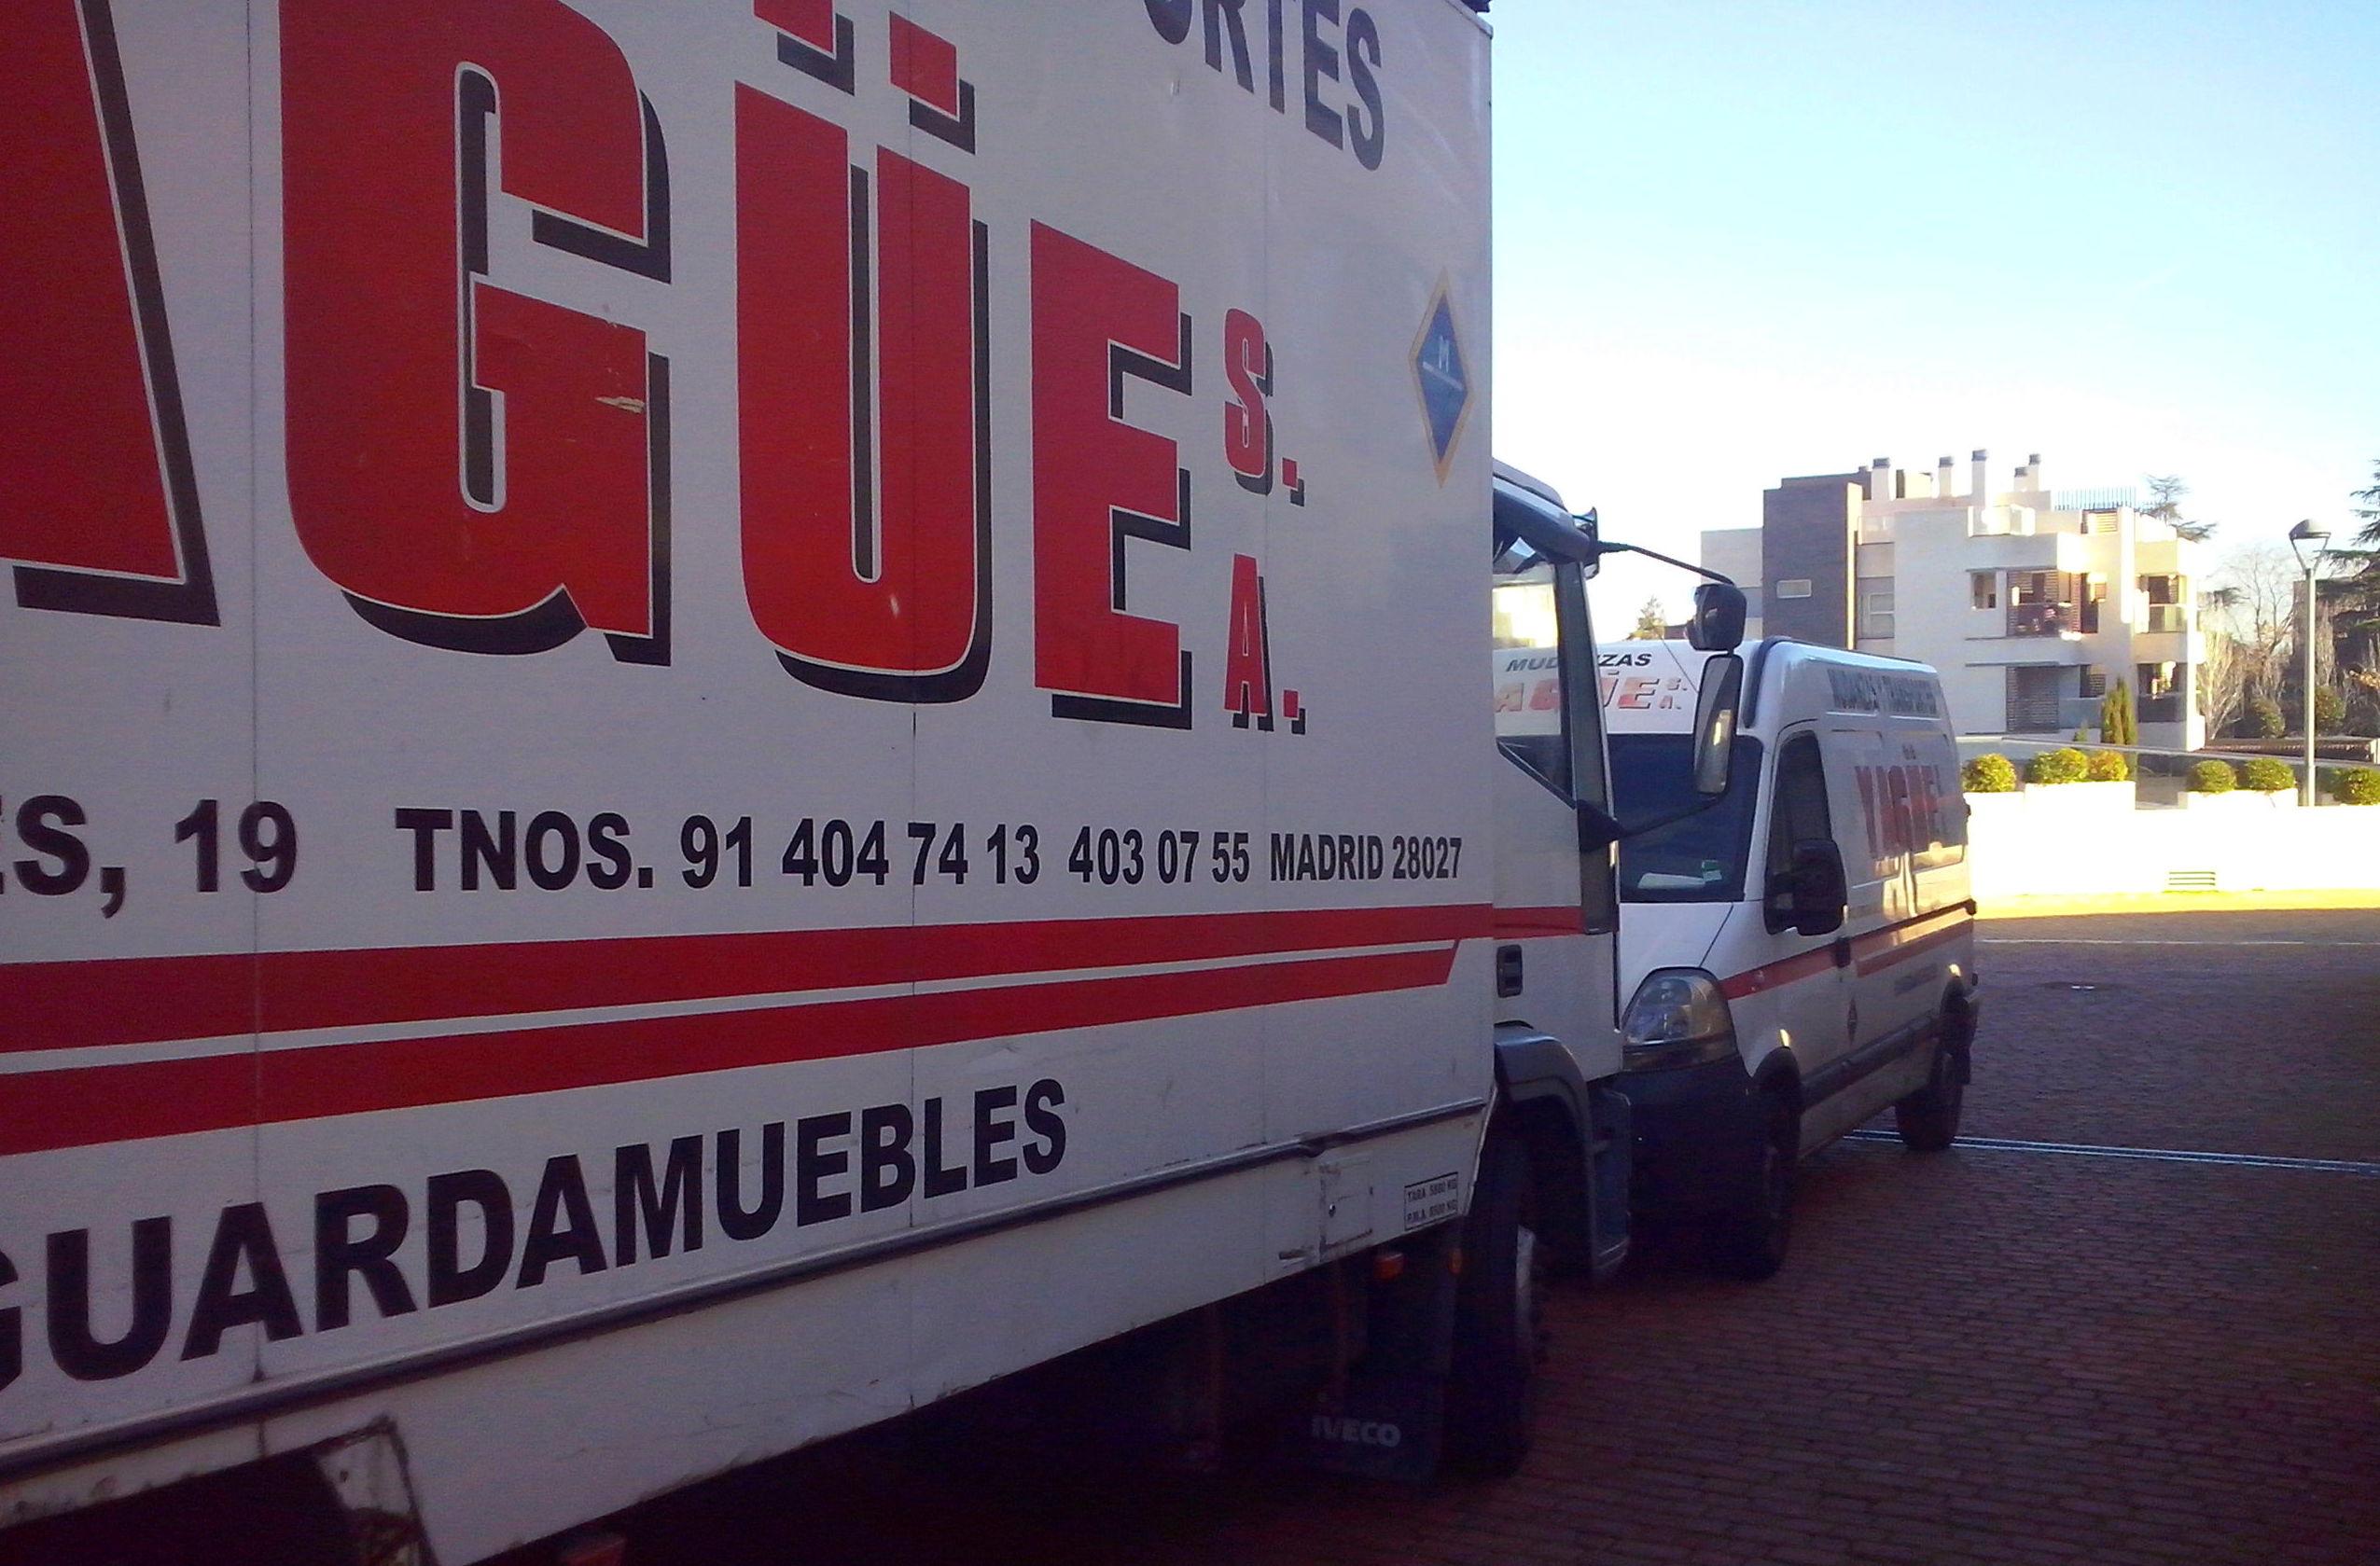 Foto 13 de Mudanzas y guardamuebles en Madrid | Mudanzas Yagüe              914047413